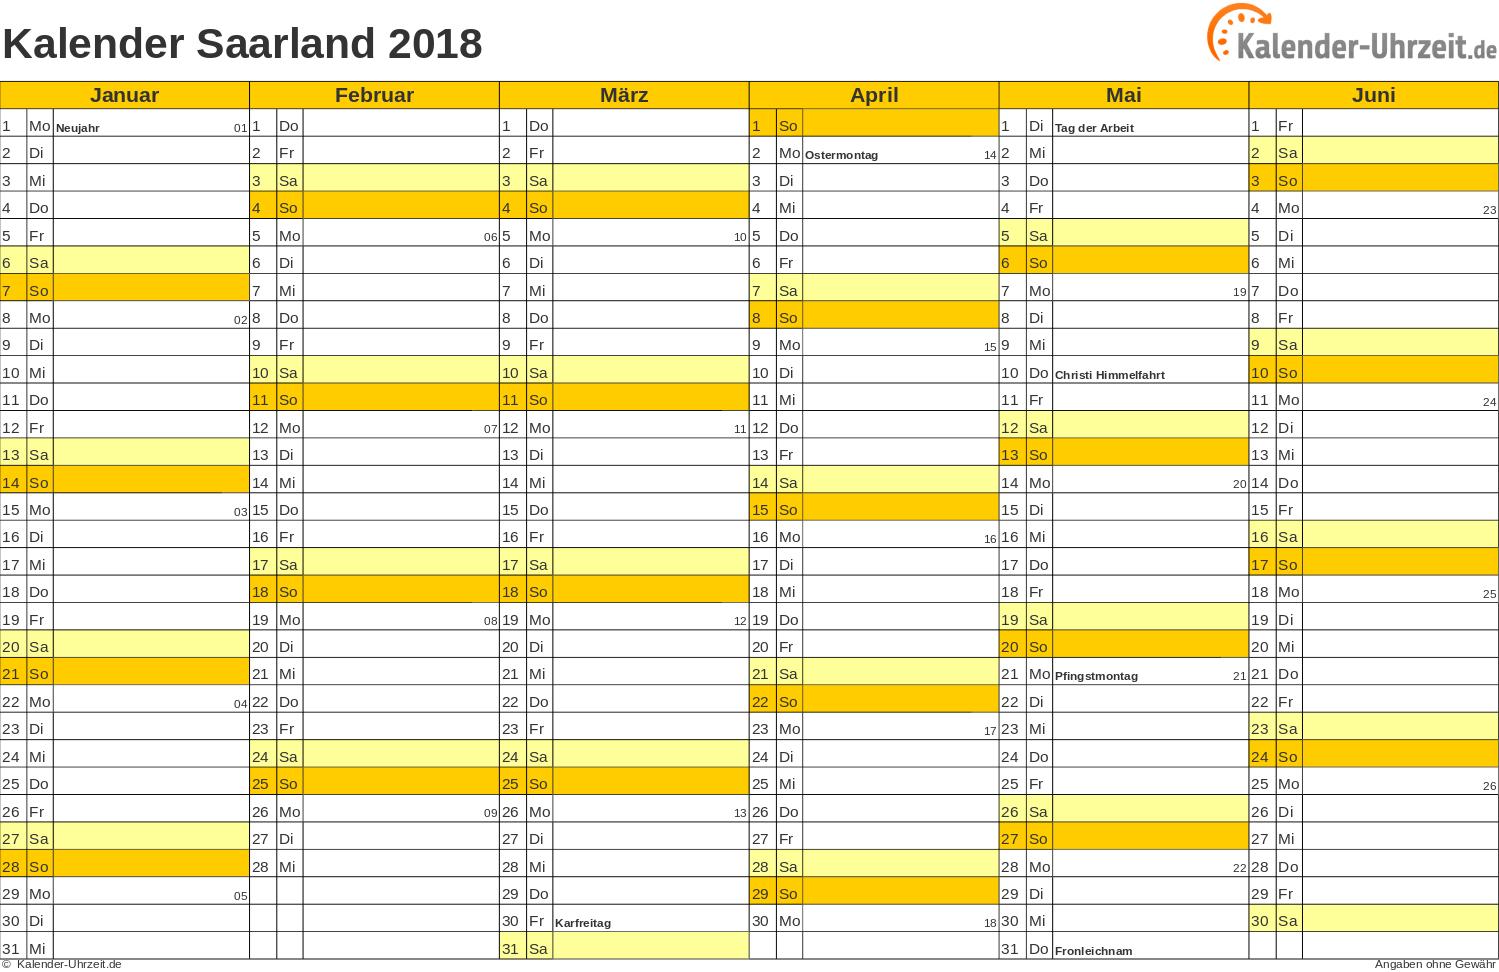 Saarland Kalender 2018 mit Feiertagen - quer-zweiseitig